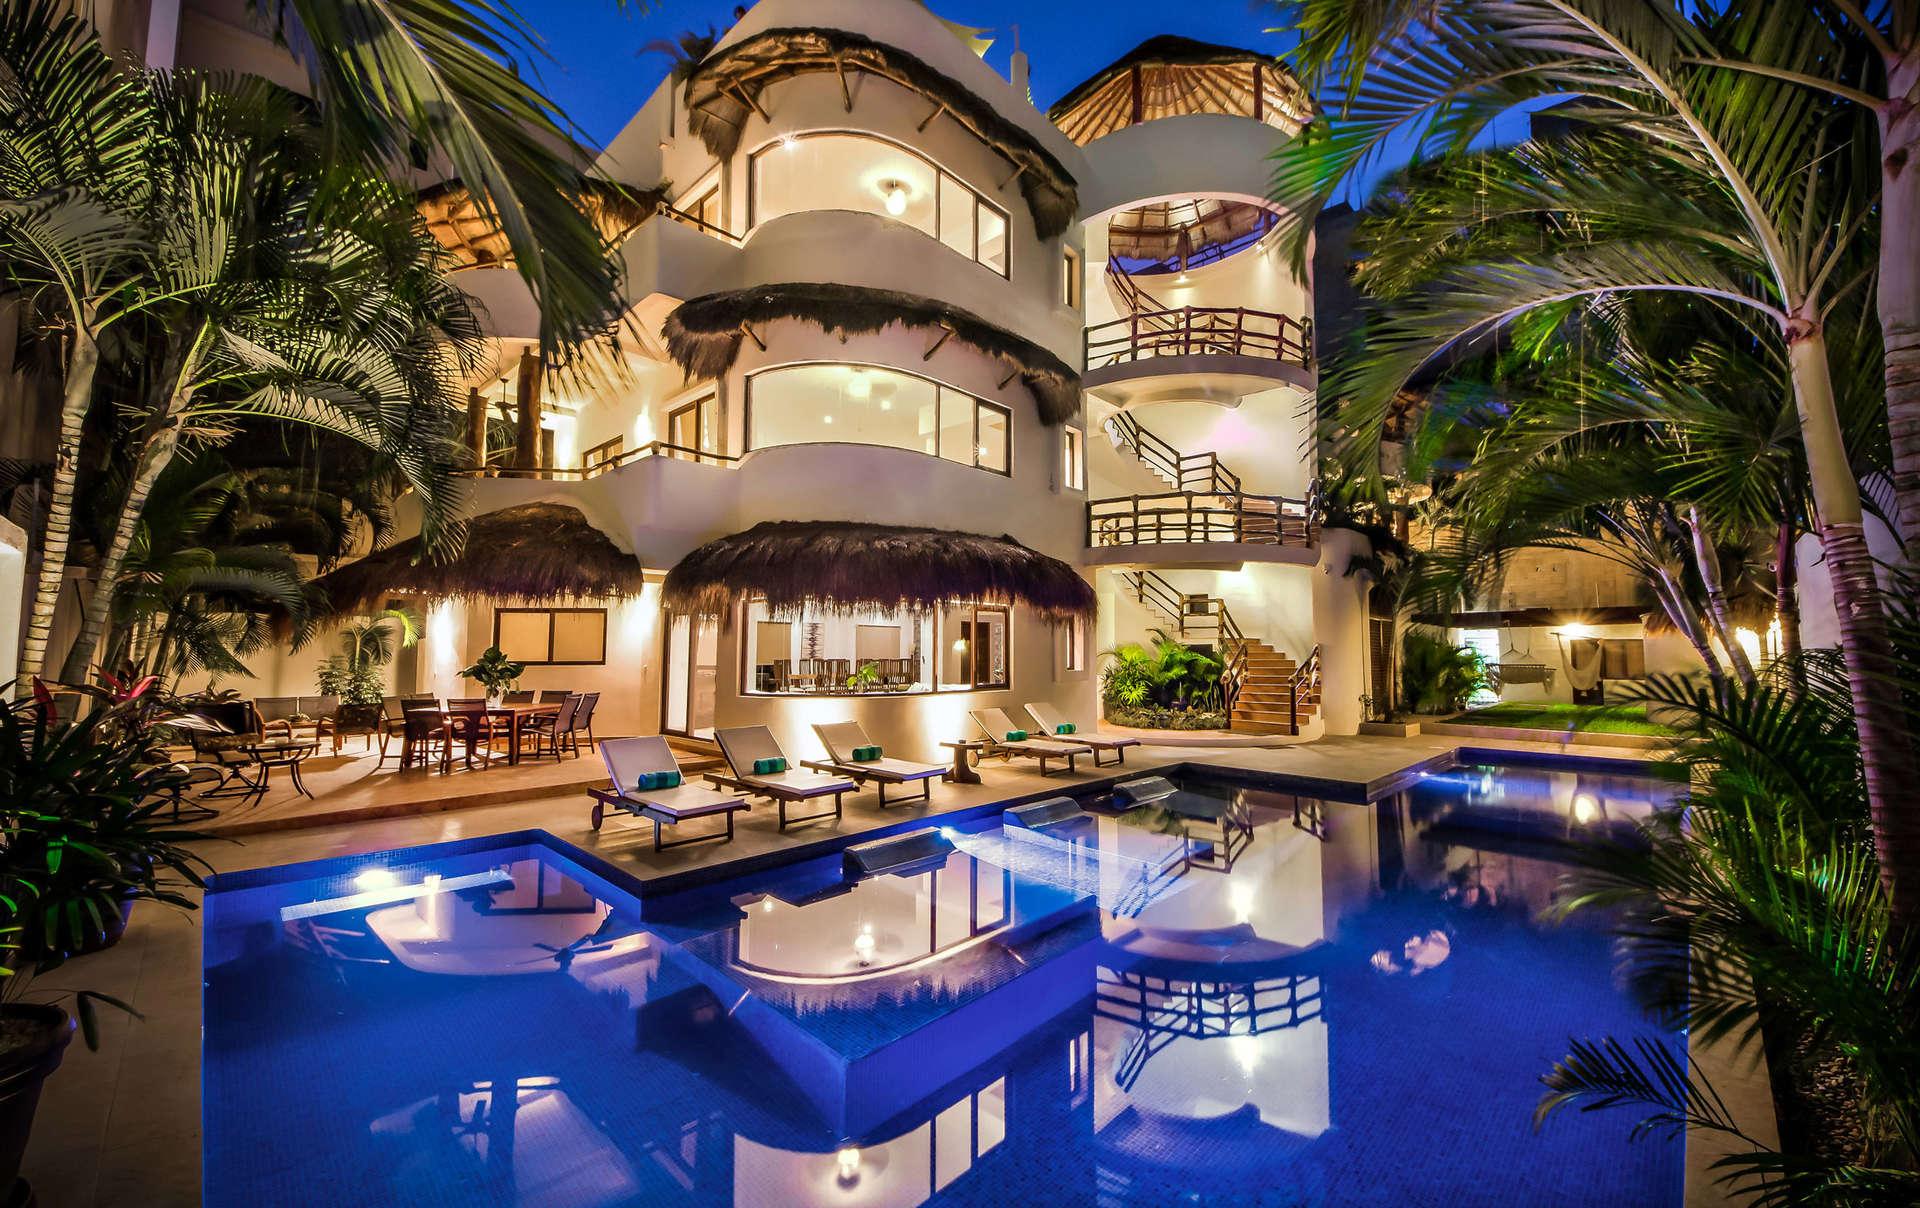 Luxury vacation rentals mexico - Riviera maya - Playa del carmen - No location 4 - Villa Mirasol - Image 1/31